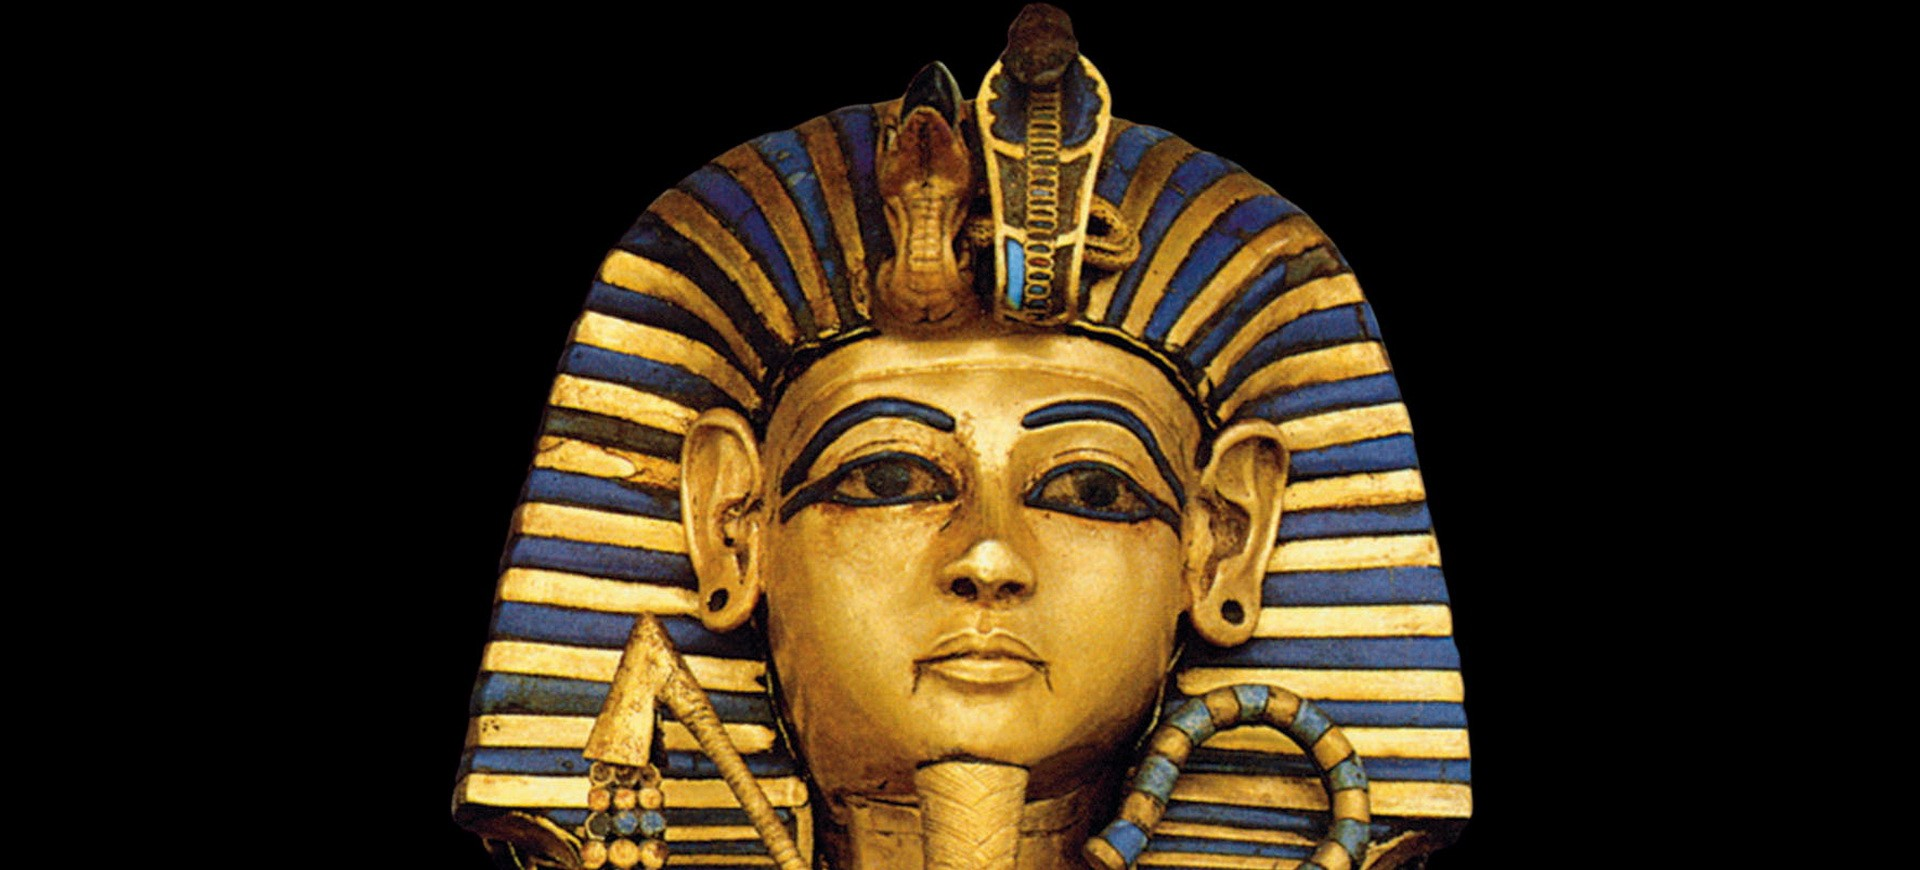 Statue de Toutakamon au musée du Caire en Egypte